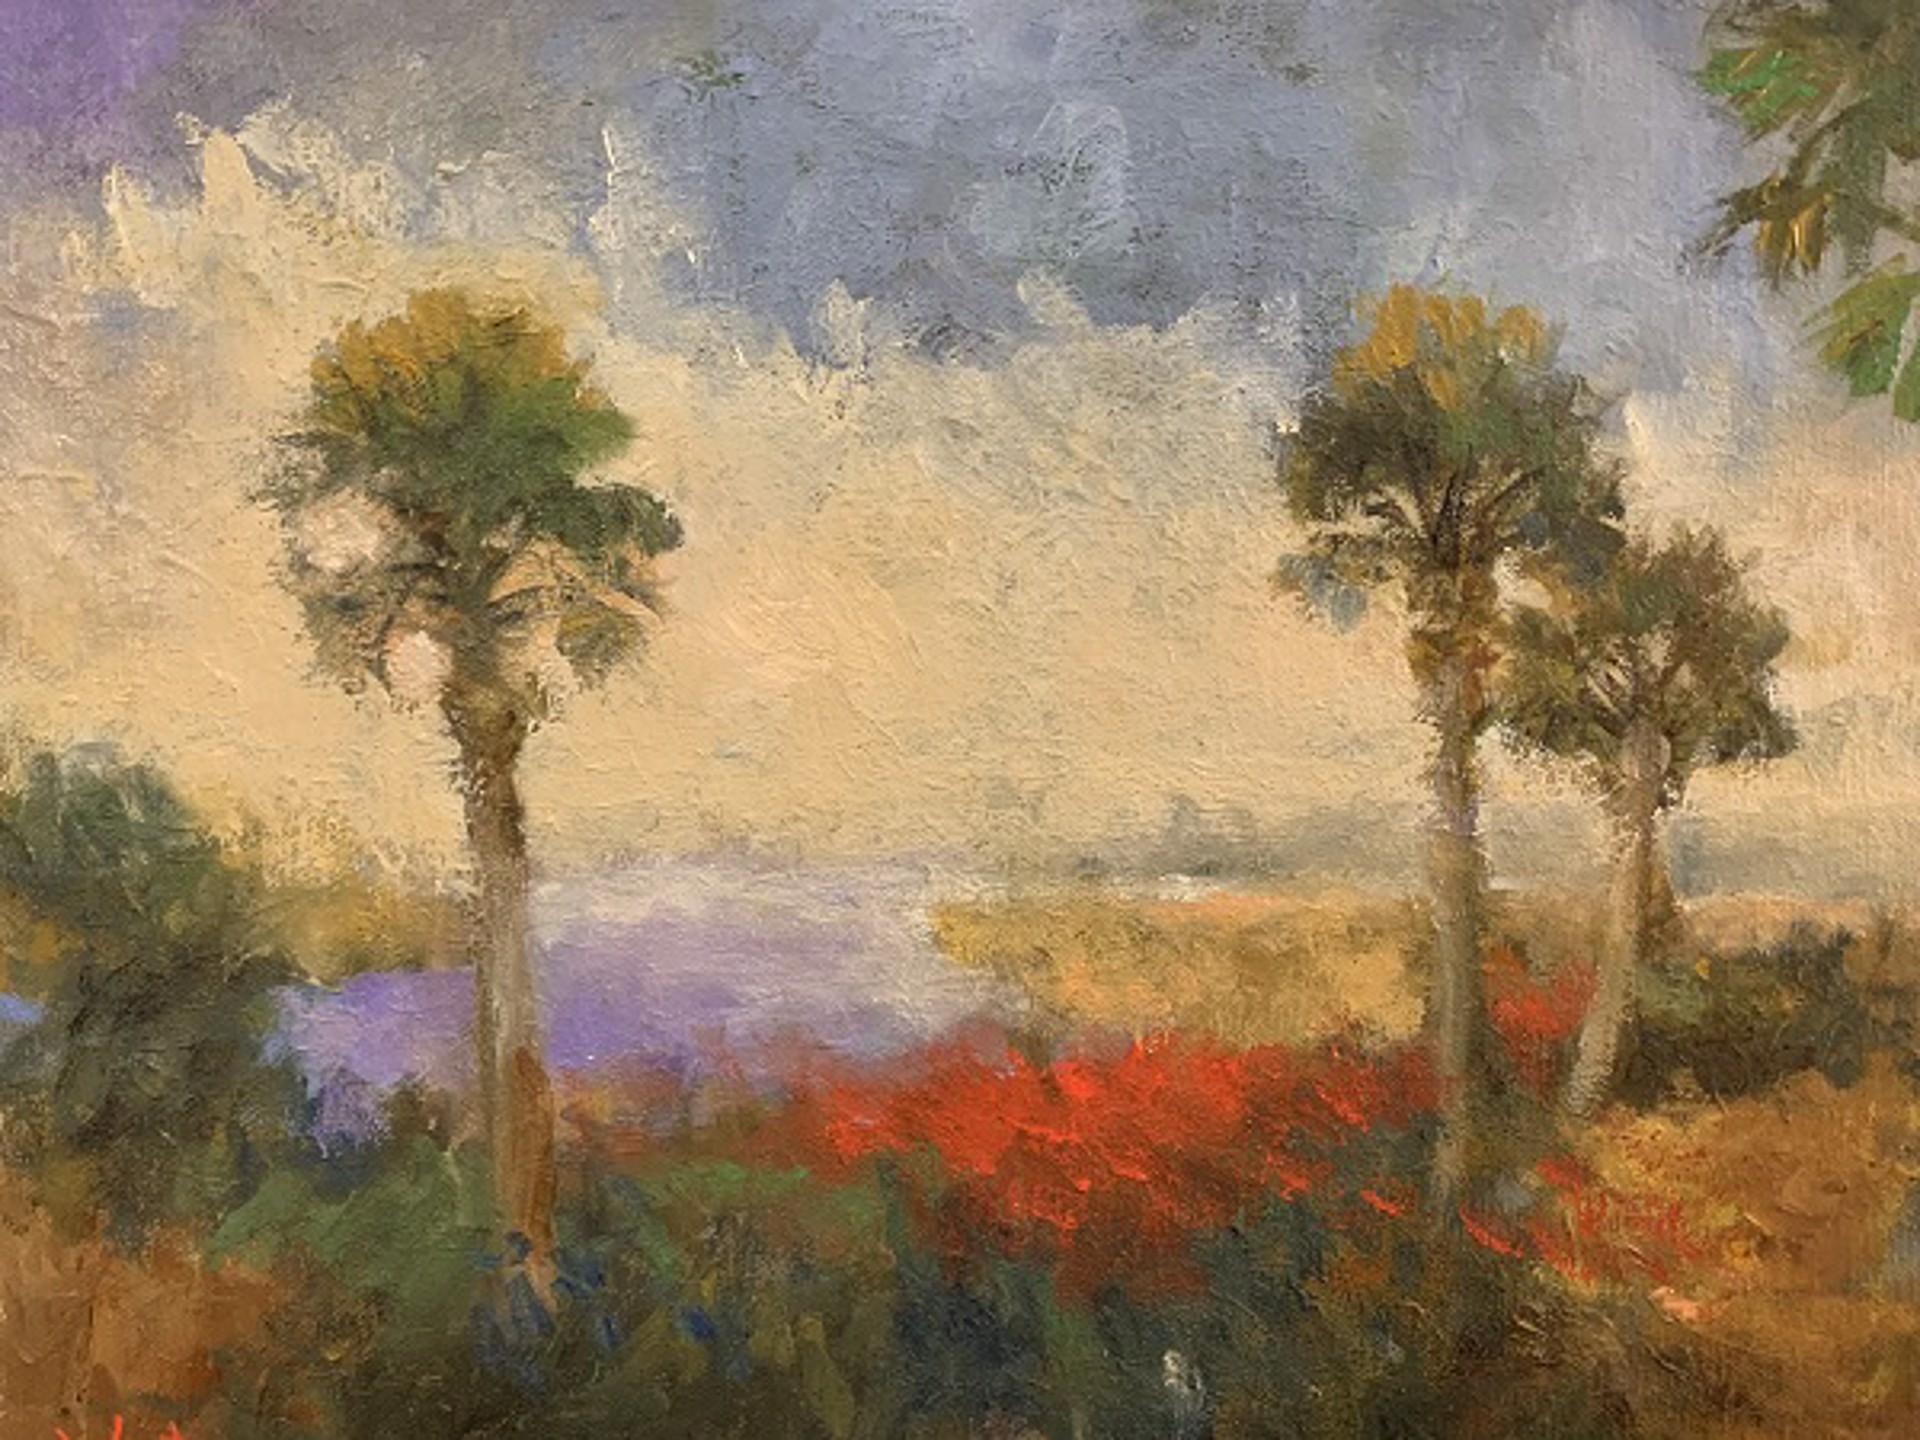 Sunset Trio by Jim Darlington